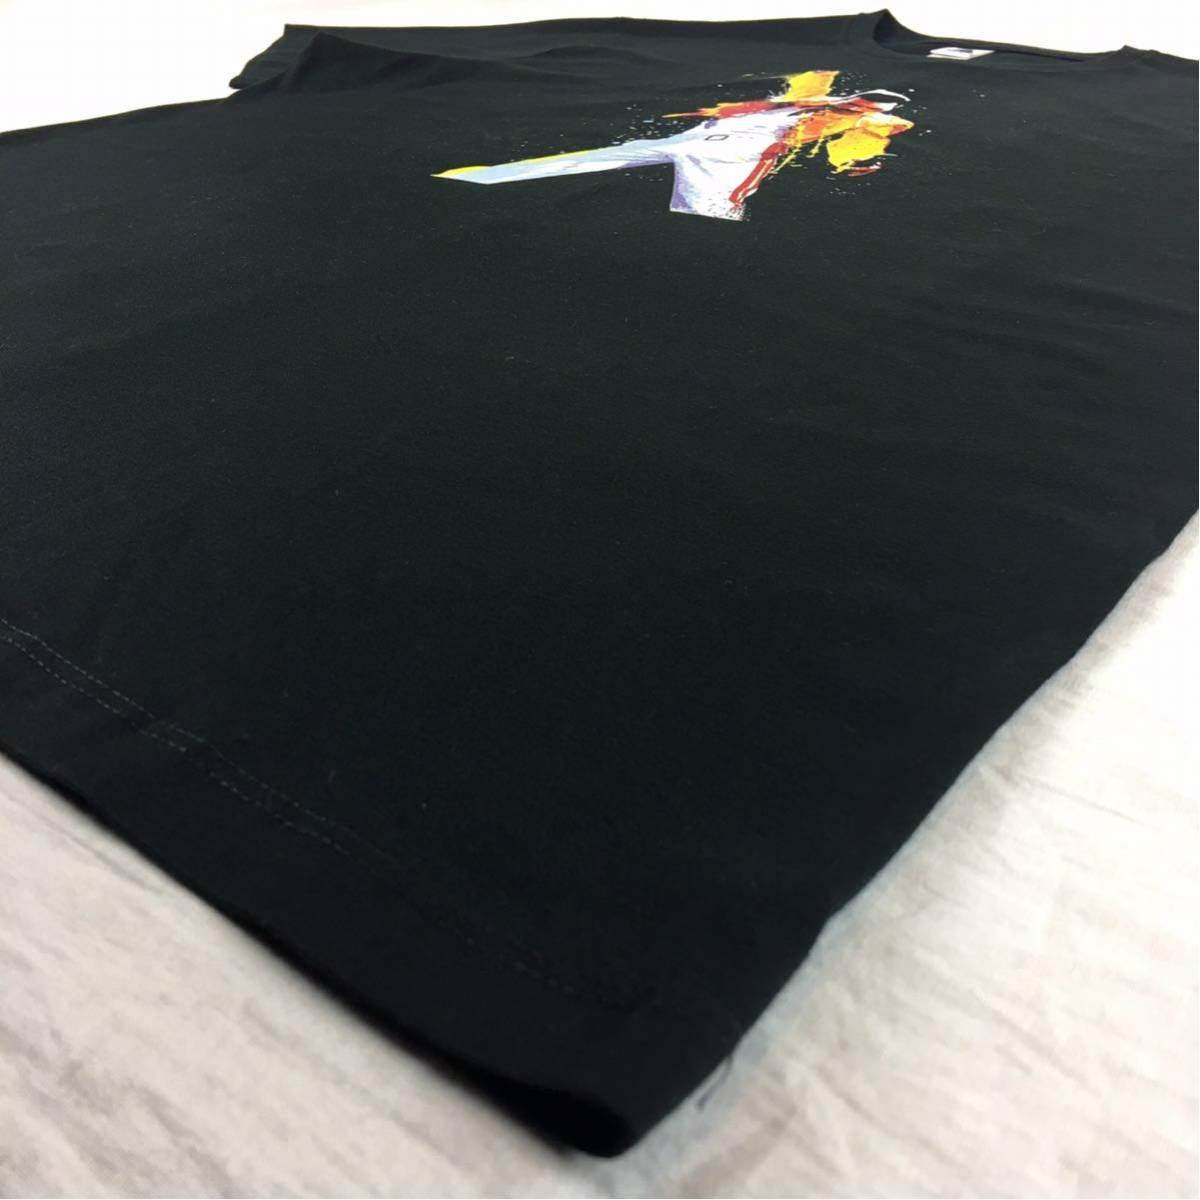 新品 大きい オーバー サイズ XXL 3XL 4XL 5XL 対応 クイーン フレディマーキュリー ボヘミアンラプソディ ビッグ 黒 Tシャツ ロンT 可能_画像9